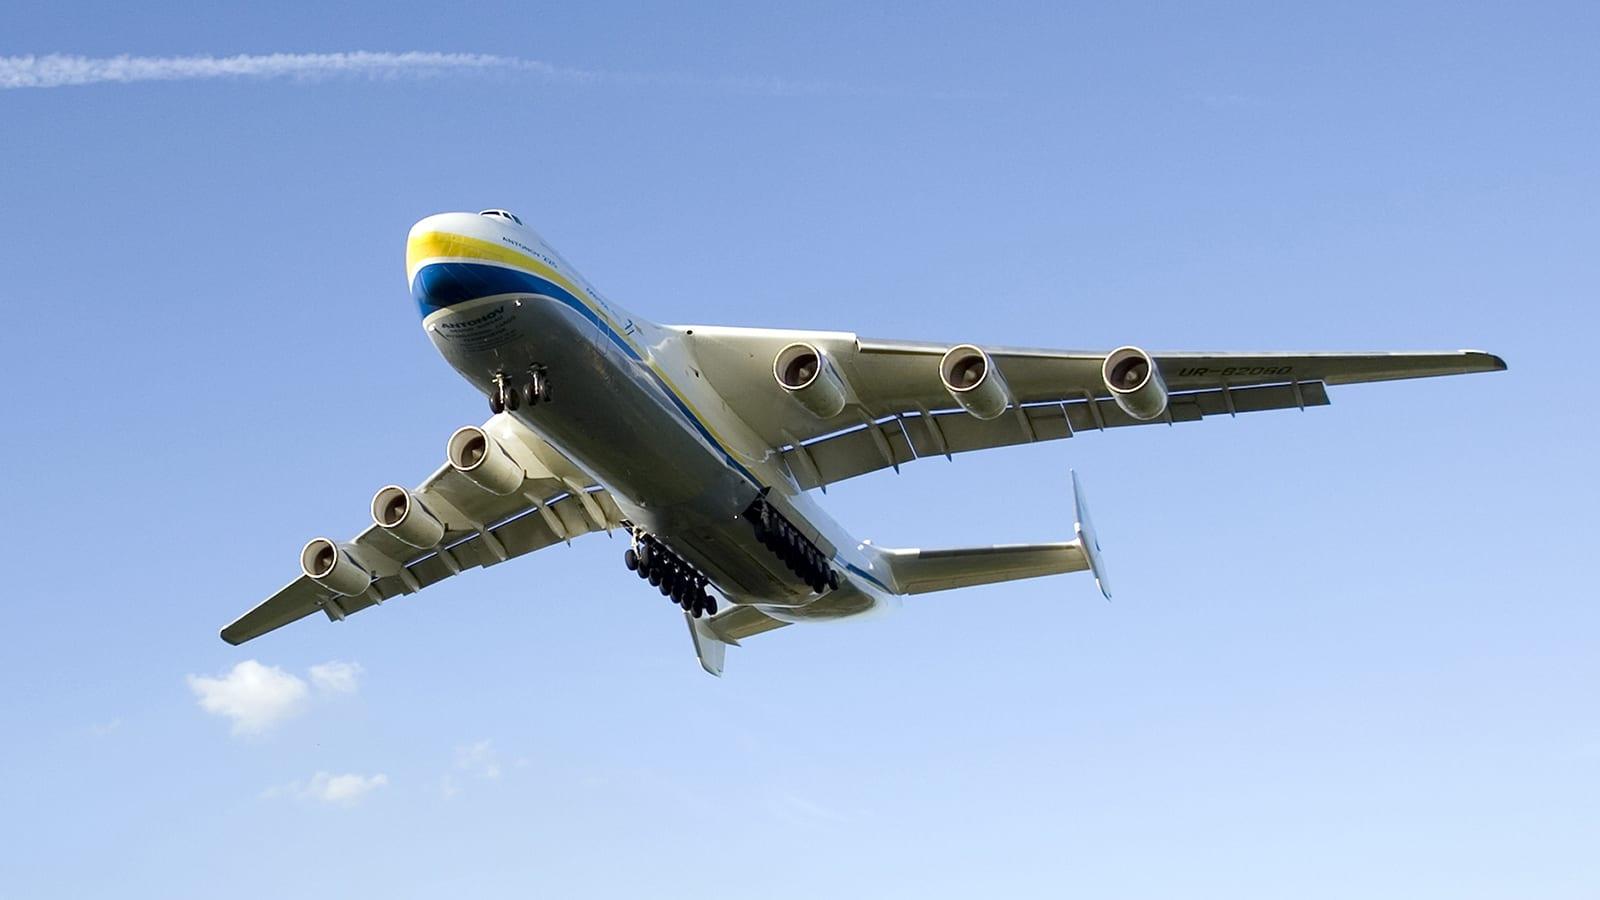 ولدت من رحم الحرب الباردة..إليكم أكبر طائرة في العالم